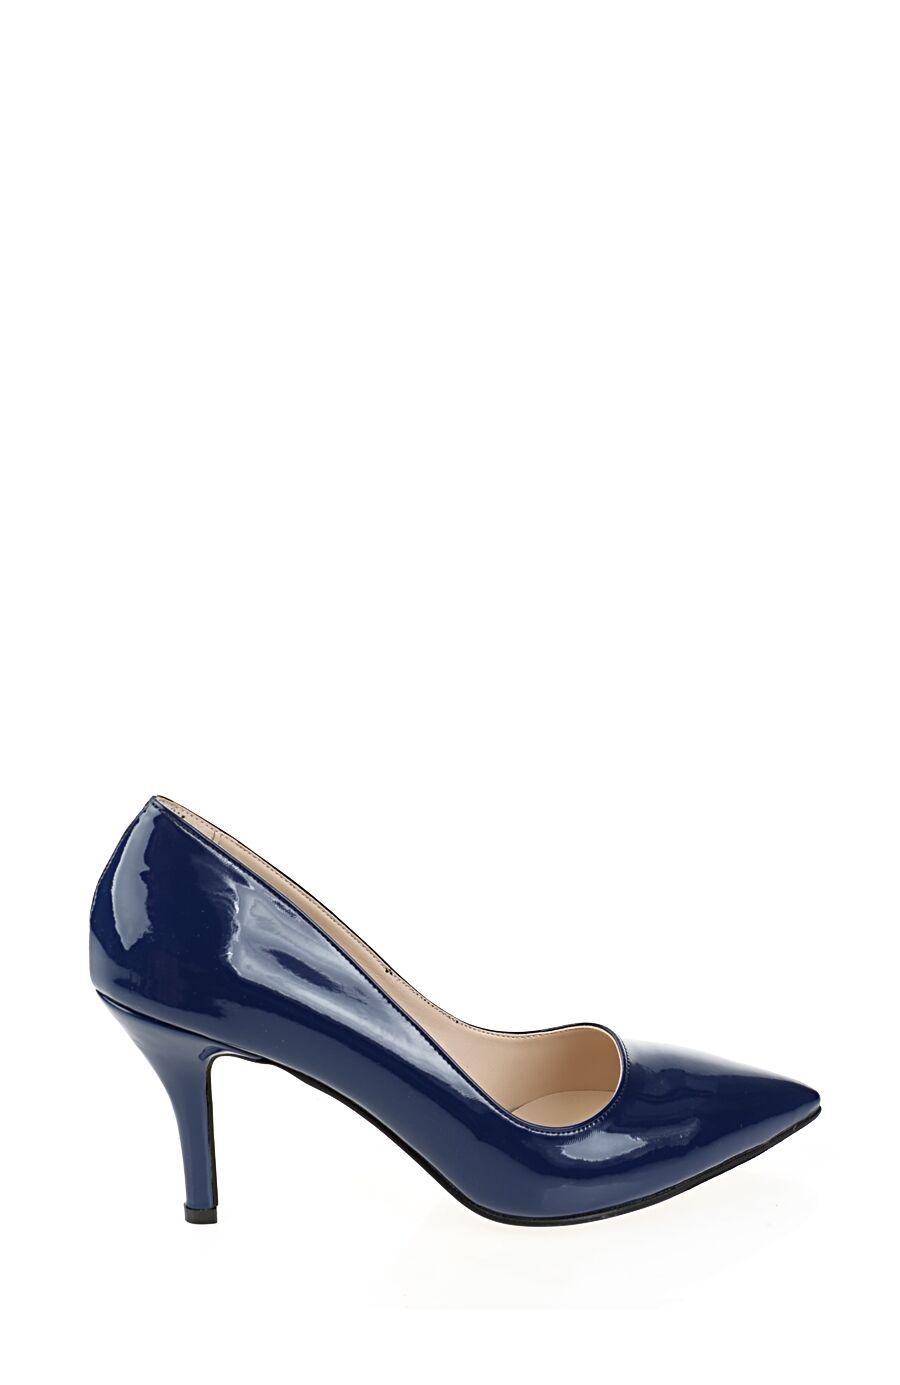 Topuklu Saks Mavi Ayakkabı